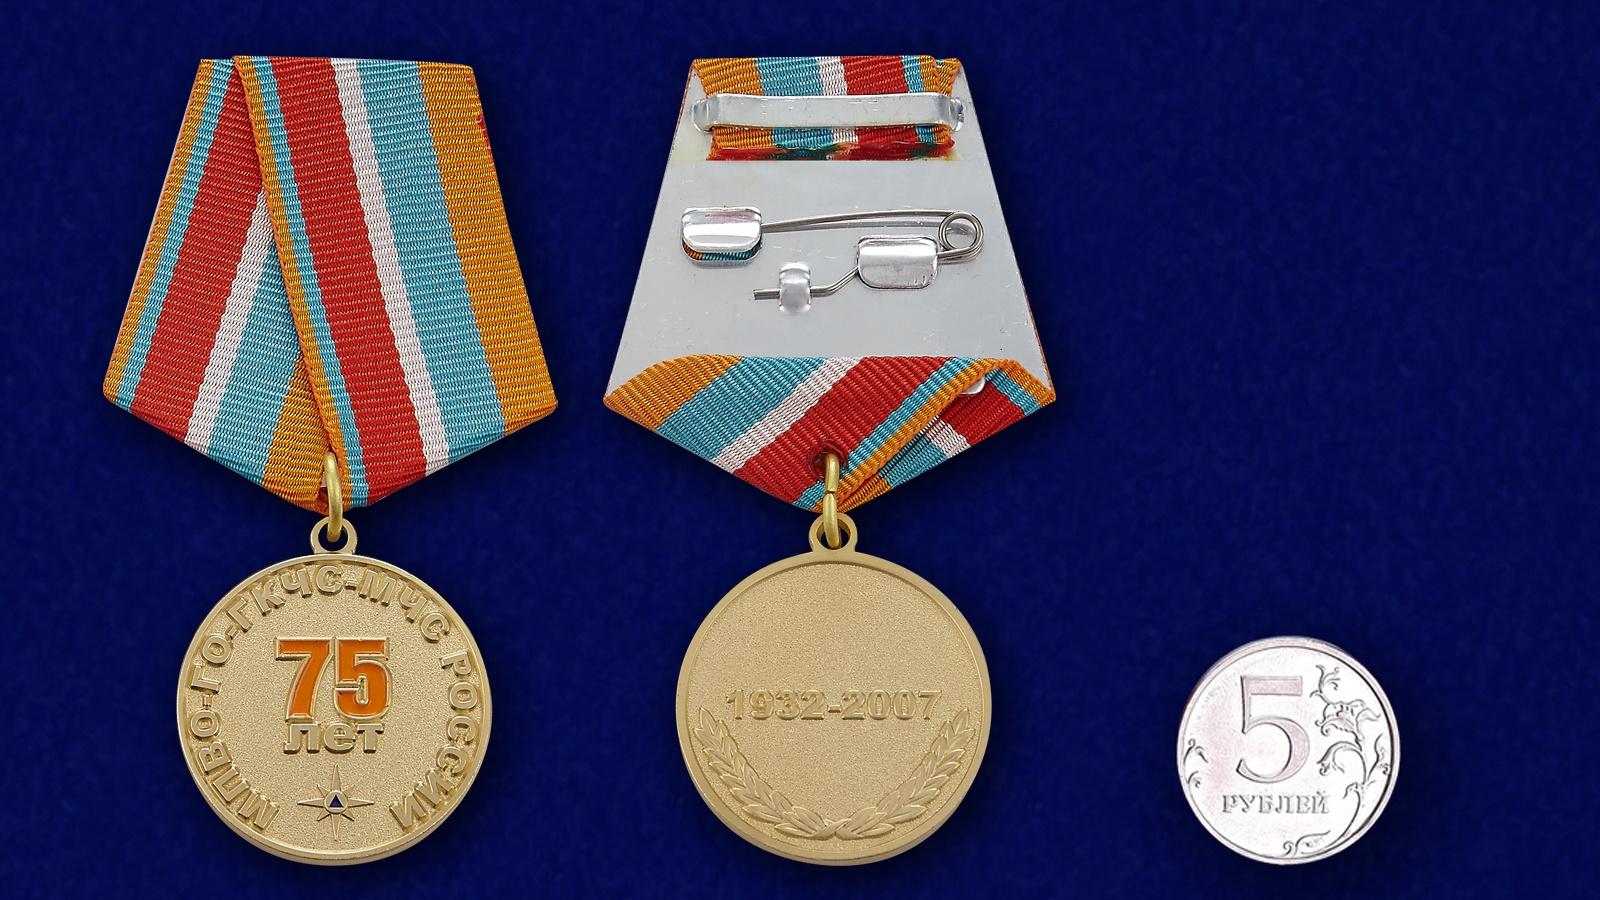 Медаль Гражданской обороне МЧС 75 лет - сравнительный вид